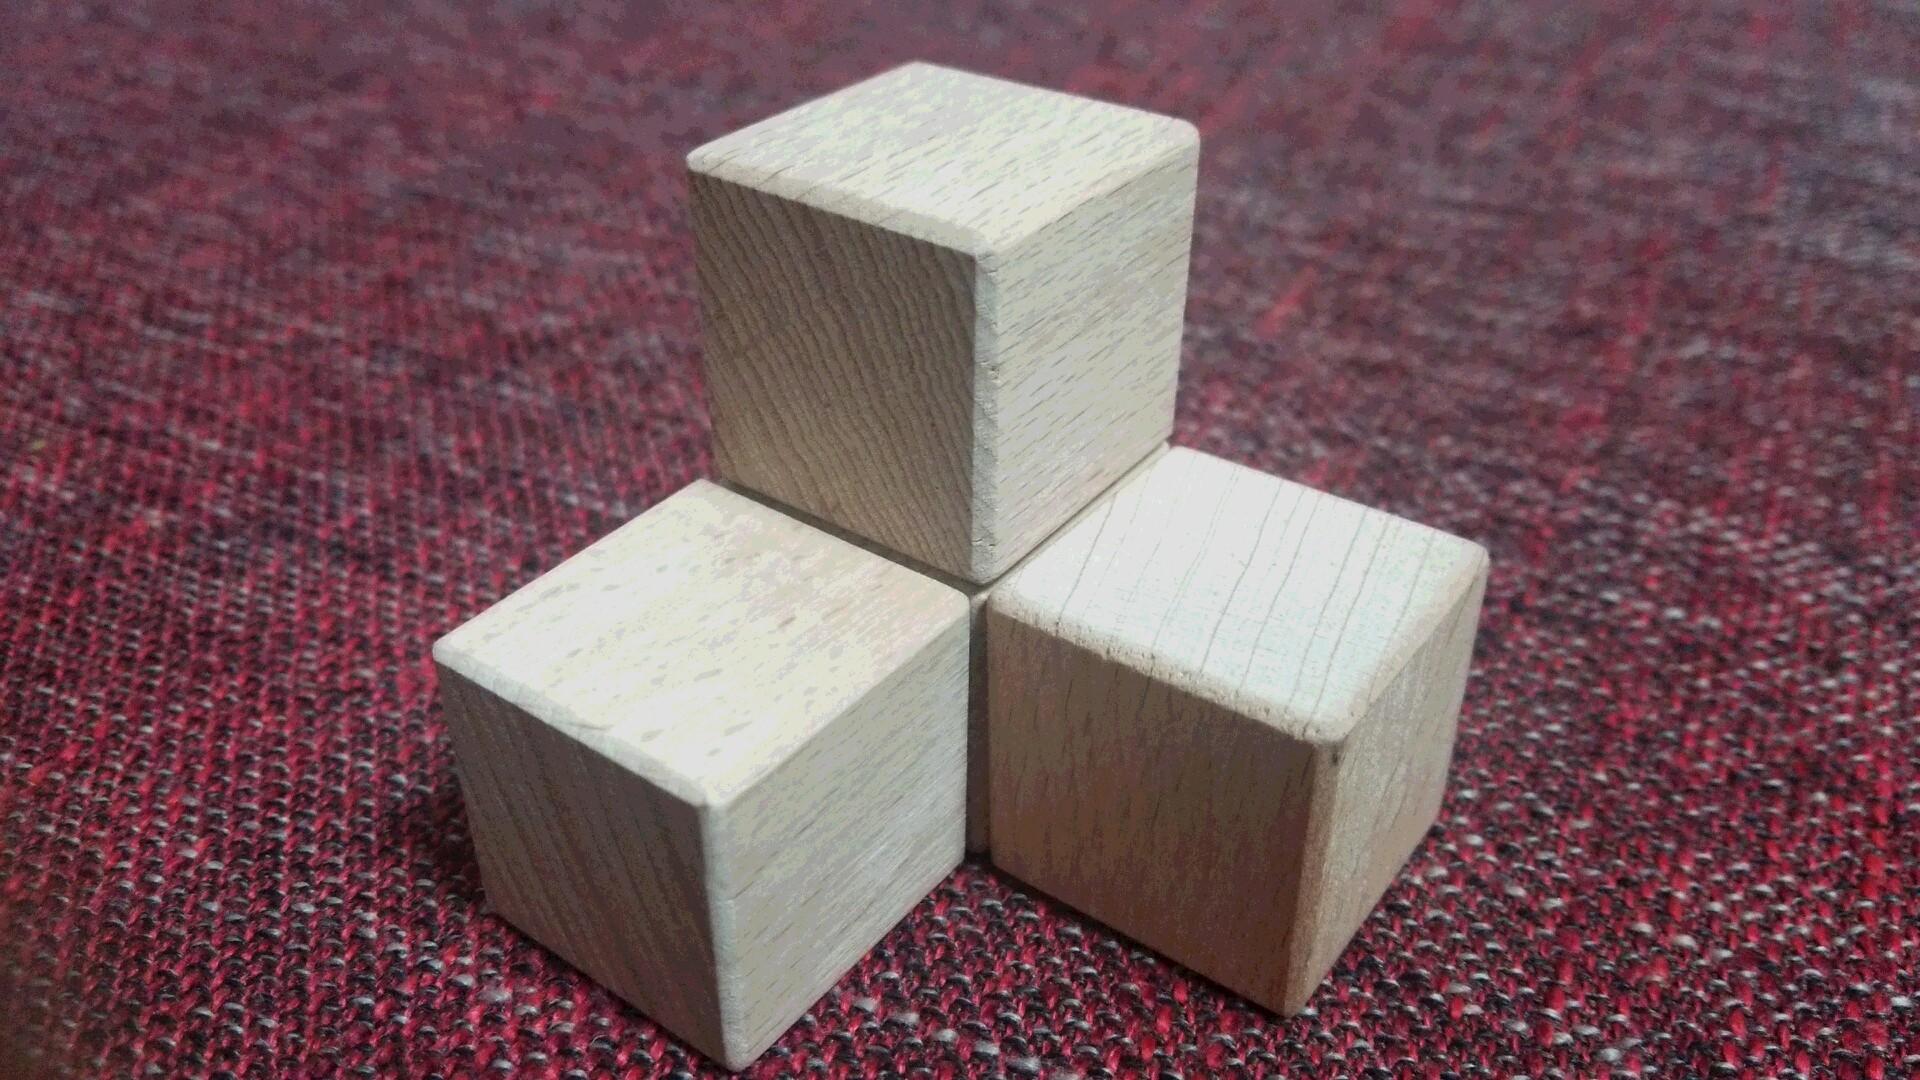 「積み木の数」の数え方:間違いやすいパターンとオススメの数え方は?